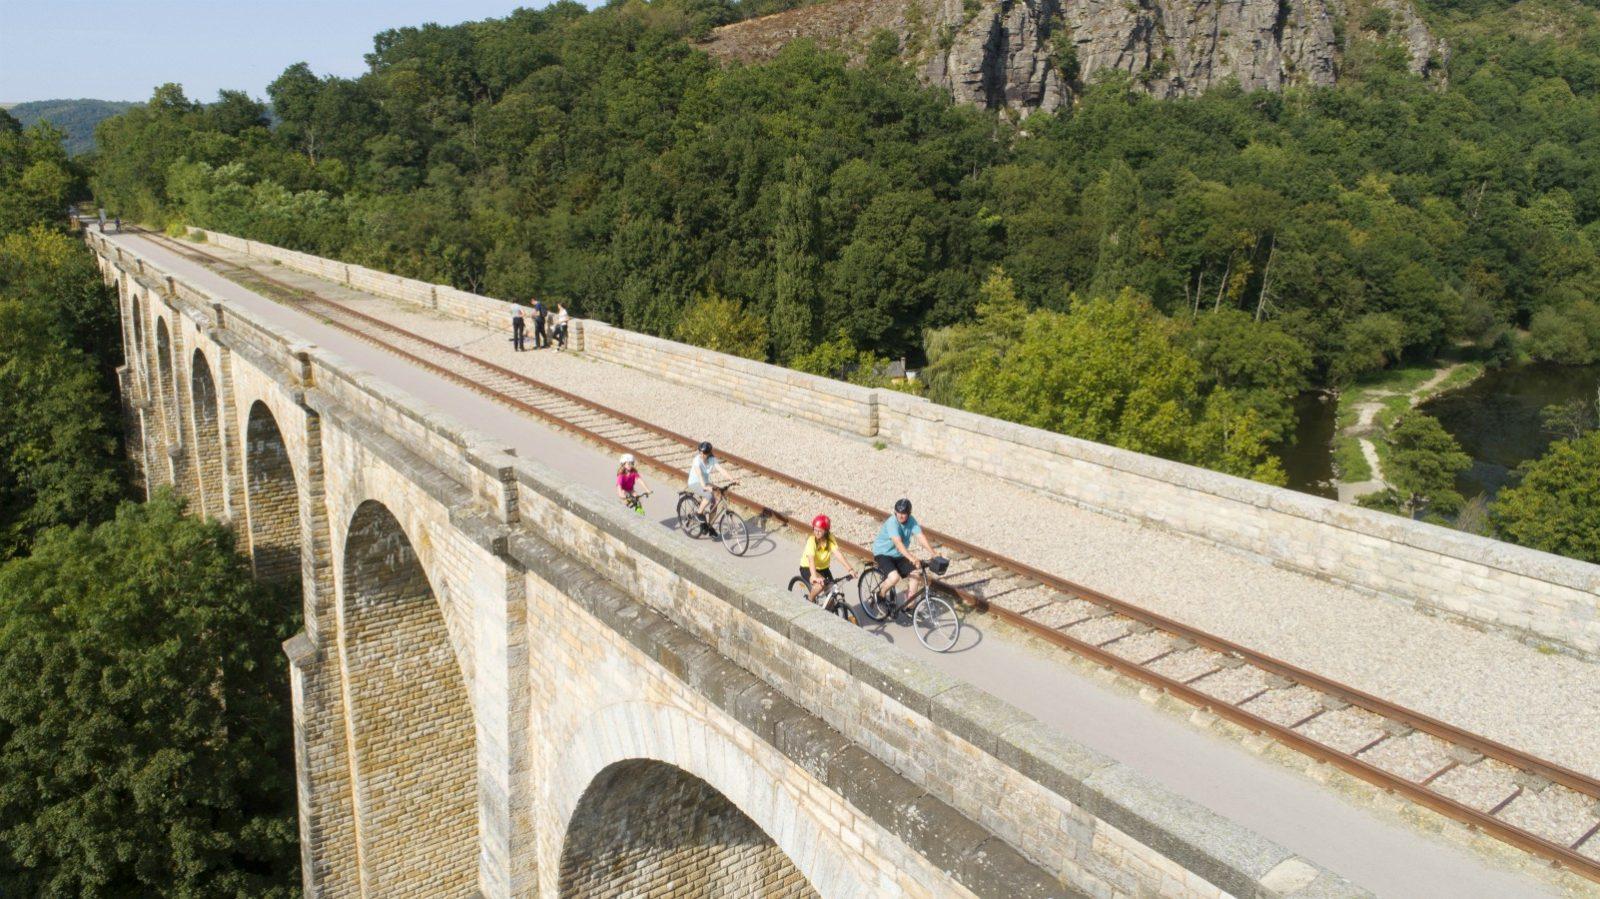 Viaduc-de-Clecy-a-velo-